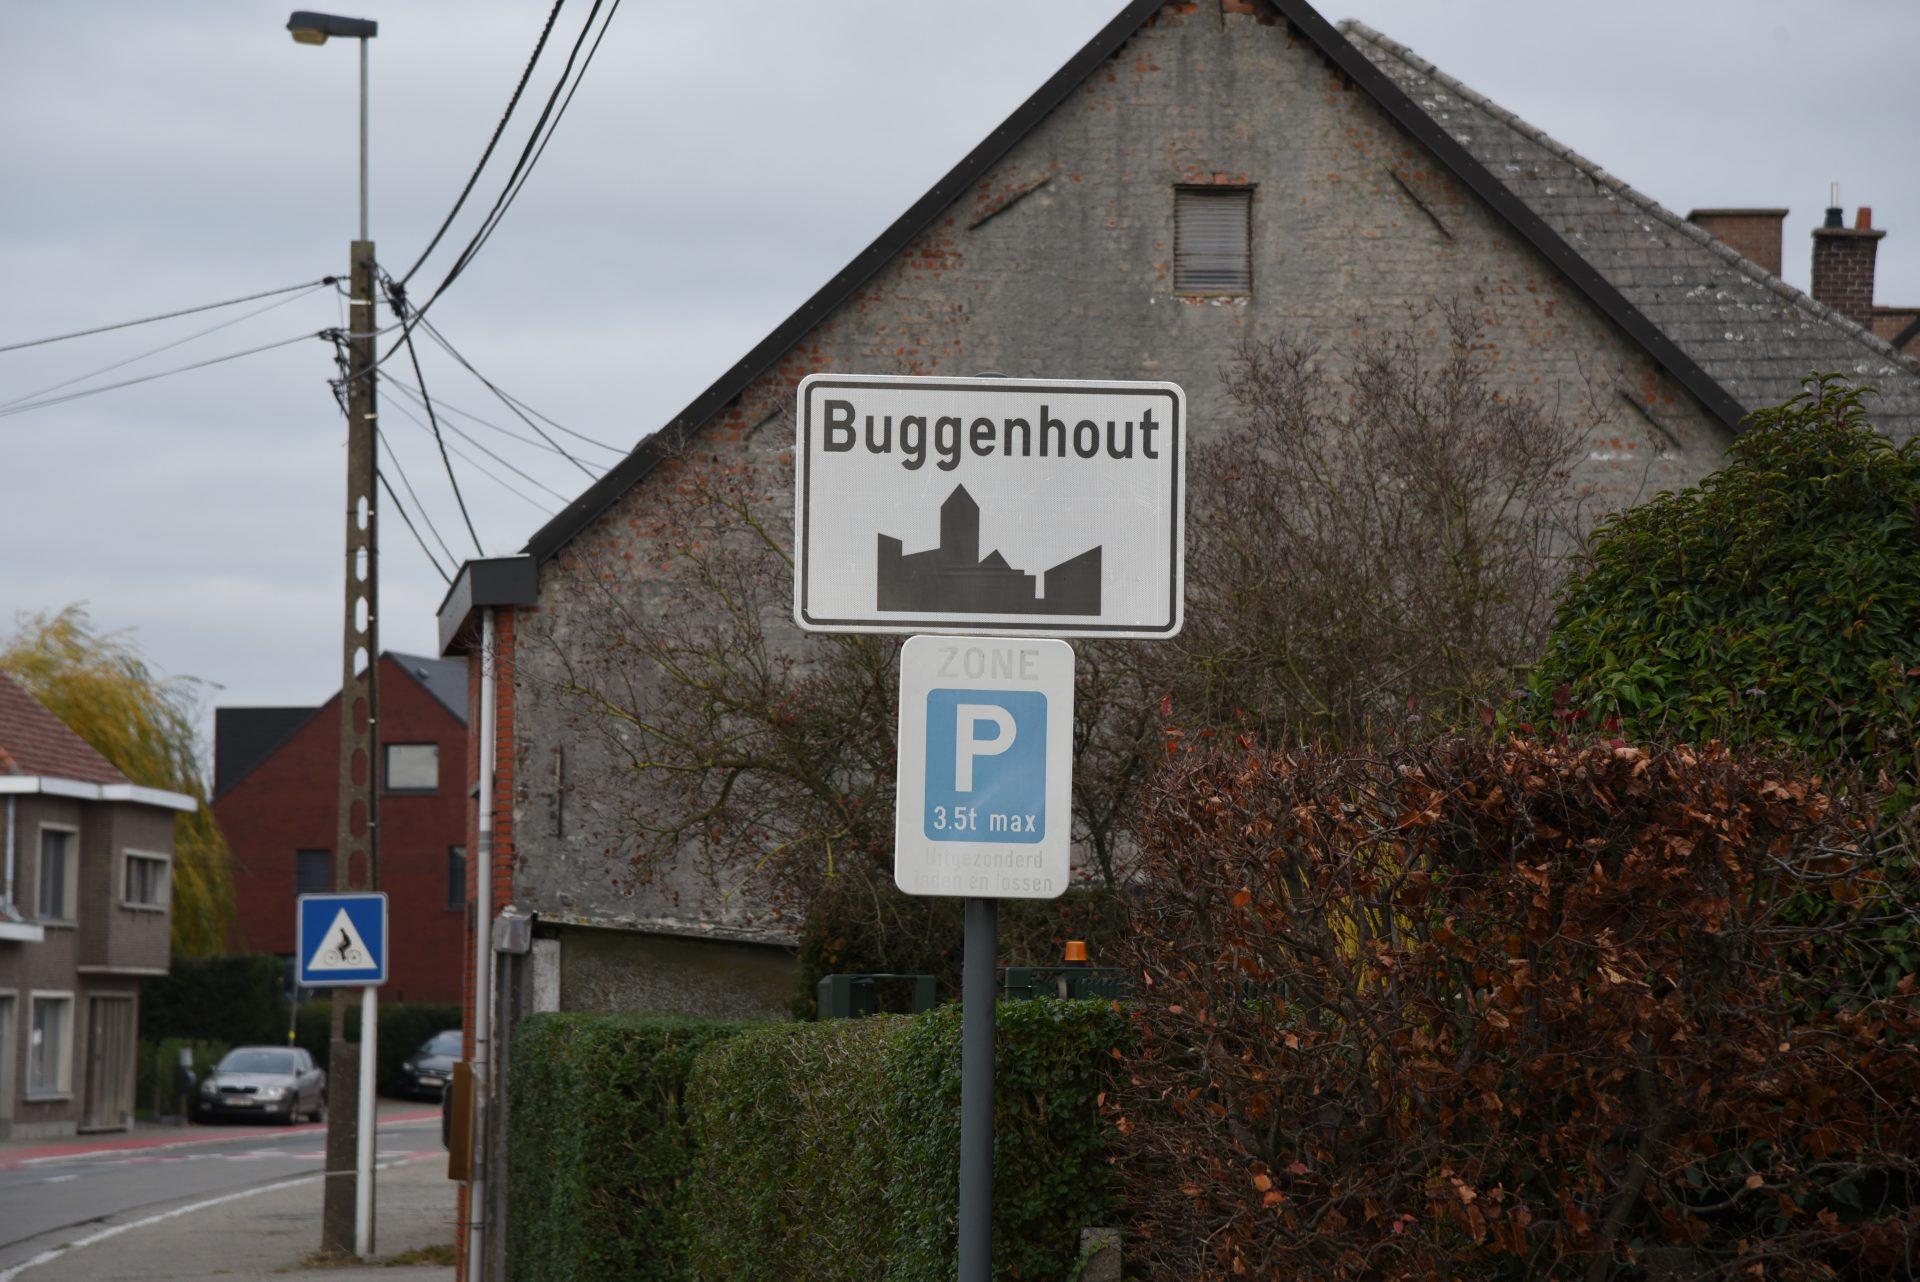 Dendermonde maakt mogelijke stappen fusietraject met Buggenhout bekend